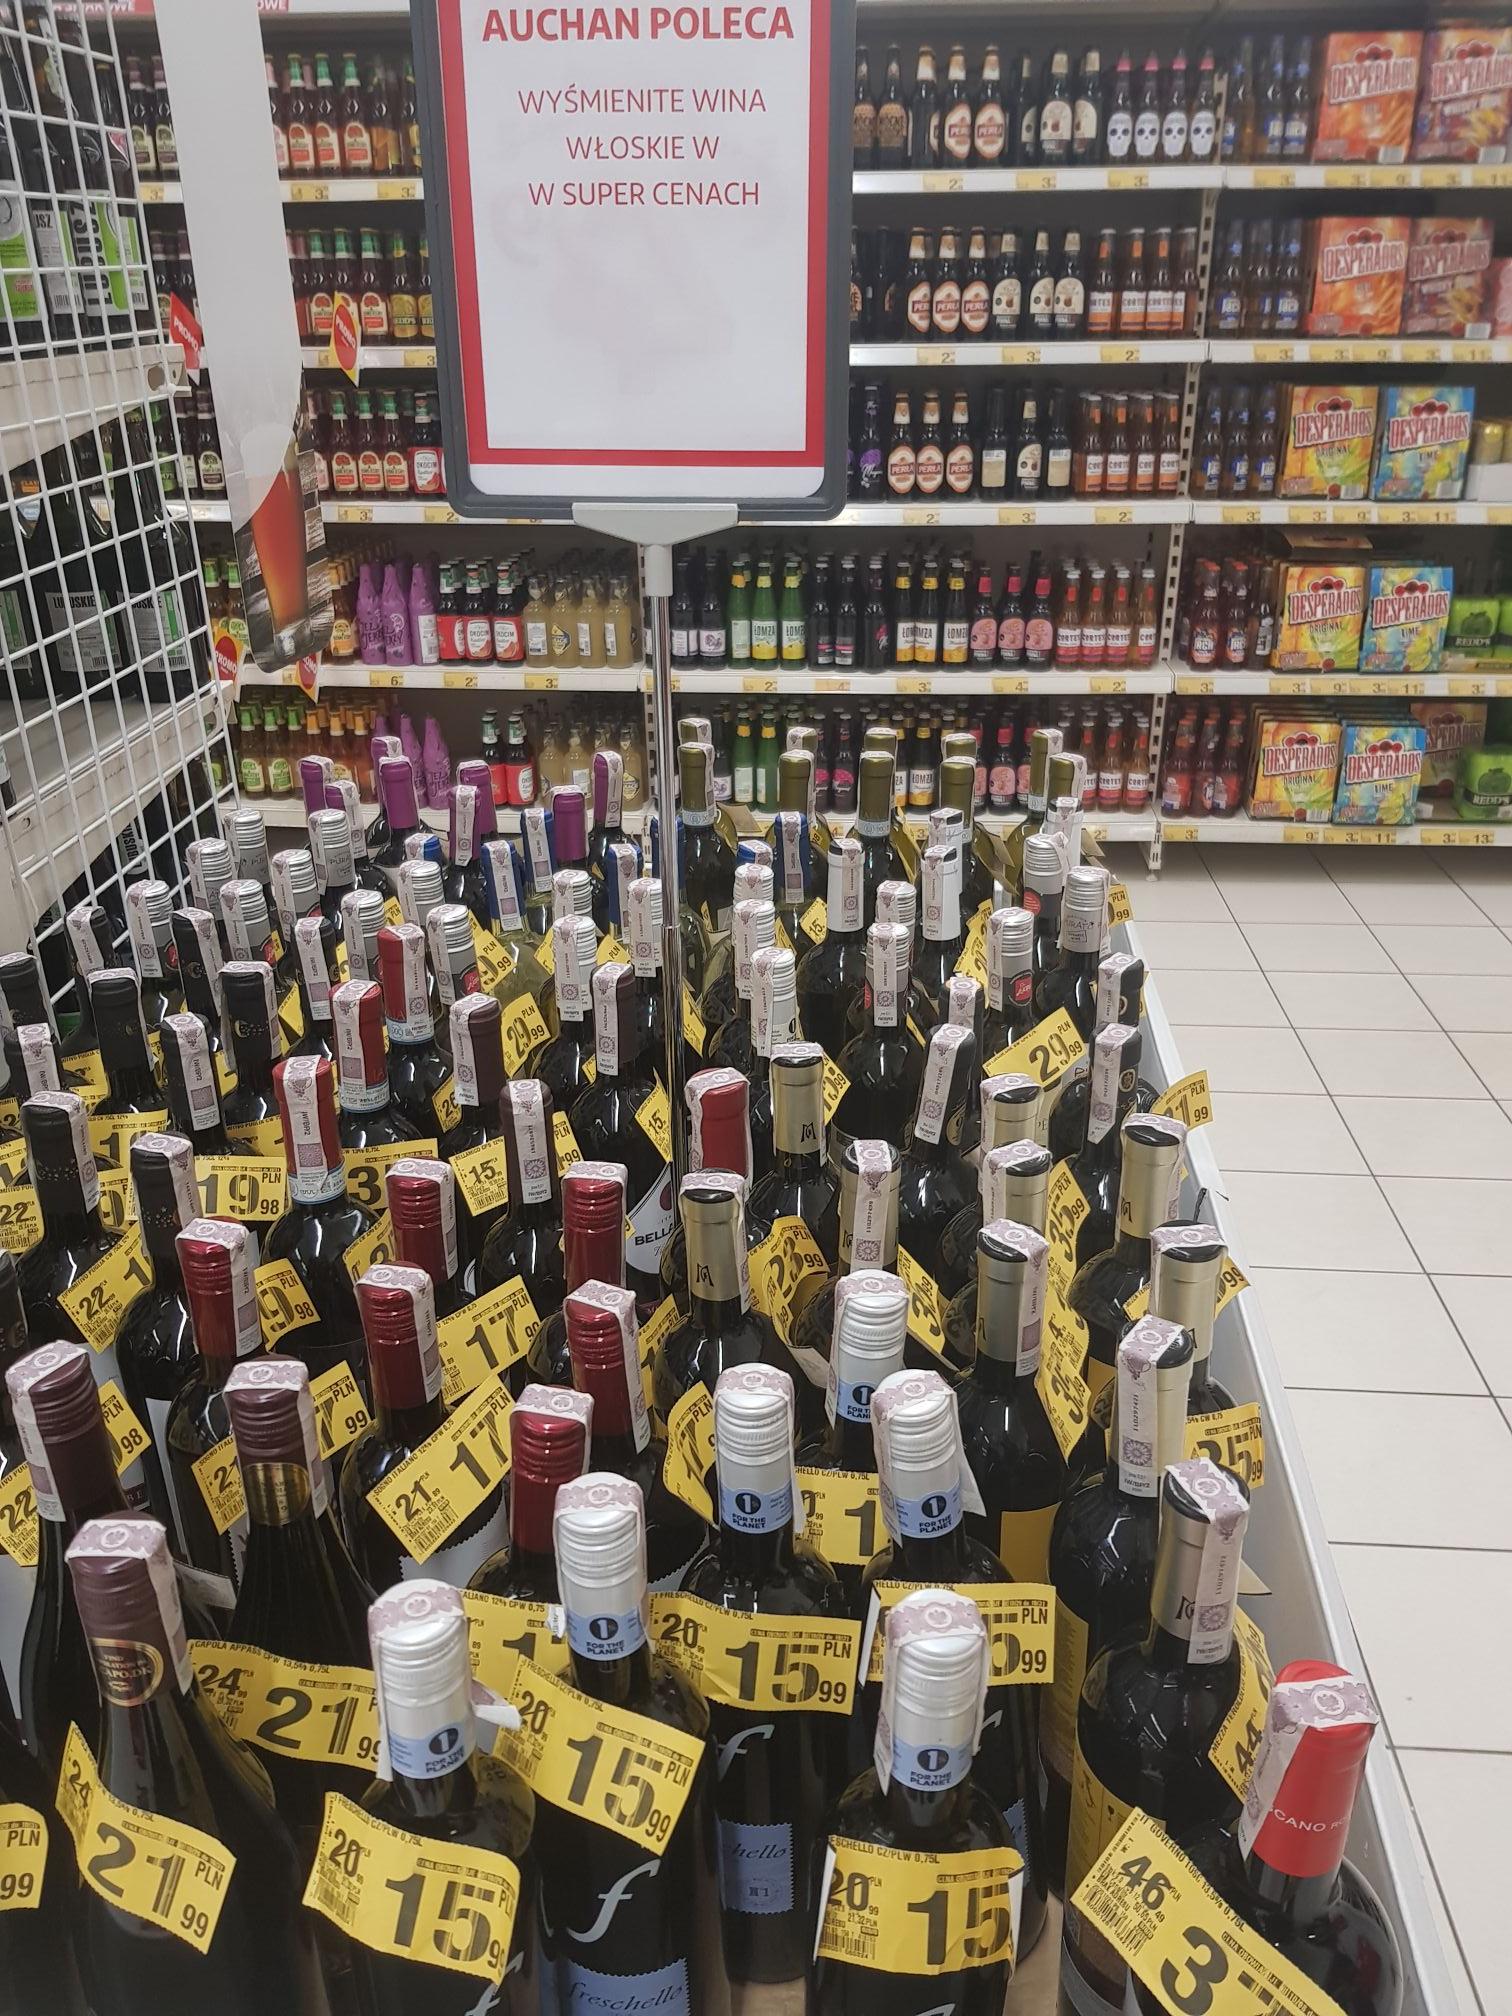 Promocja Wina włoskie francuskie Auchan KingCross Poznań